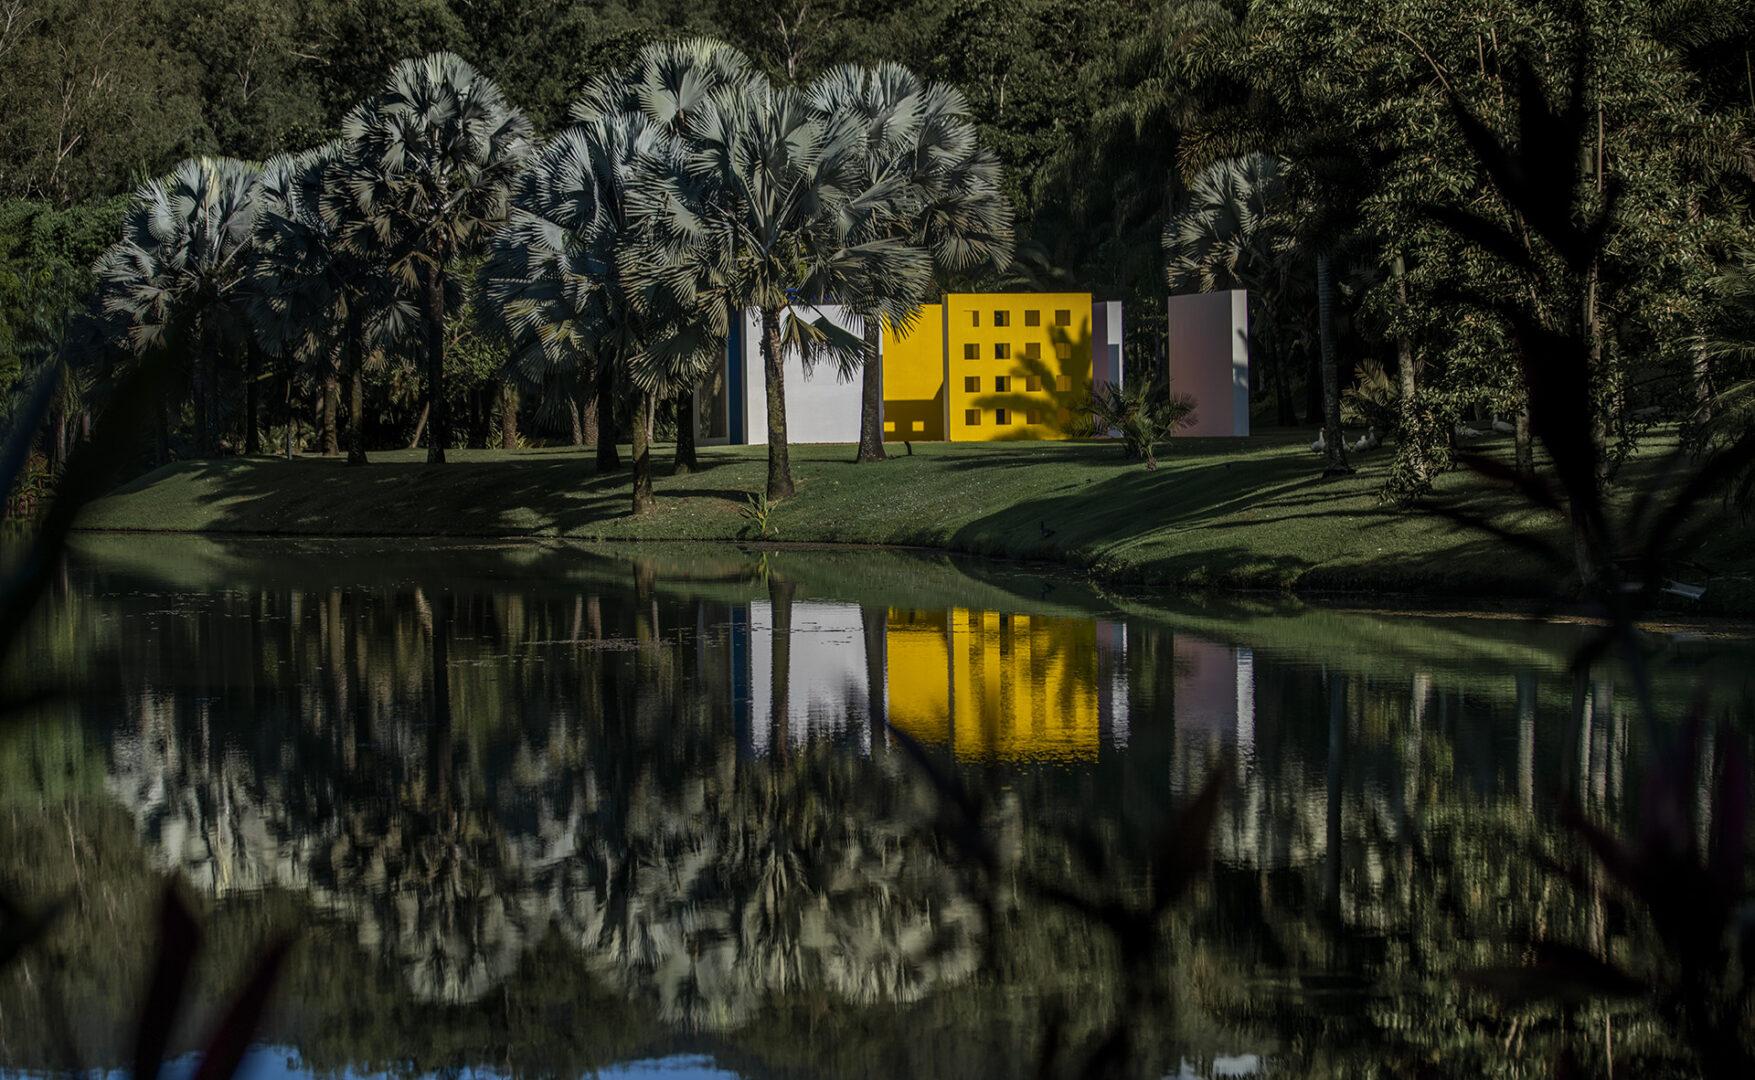 inhotim_brumadinho_arte_contemporanea_jardim_botanico